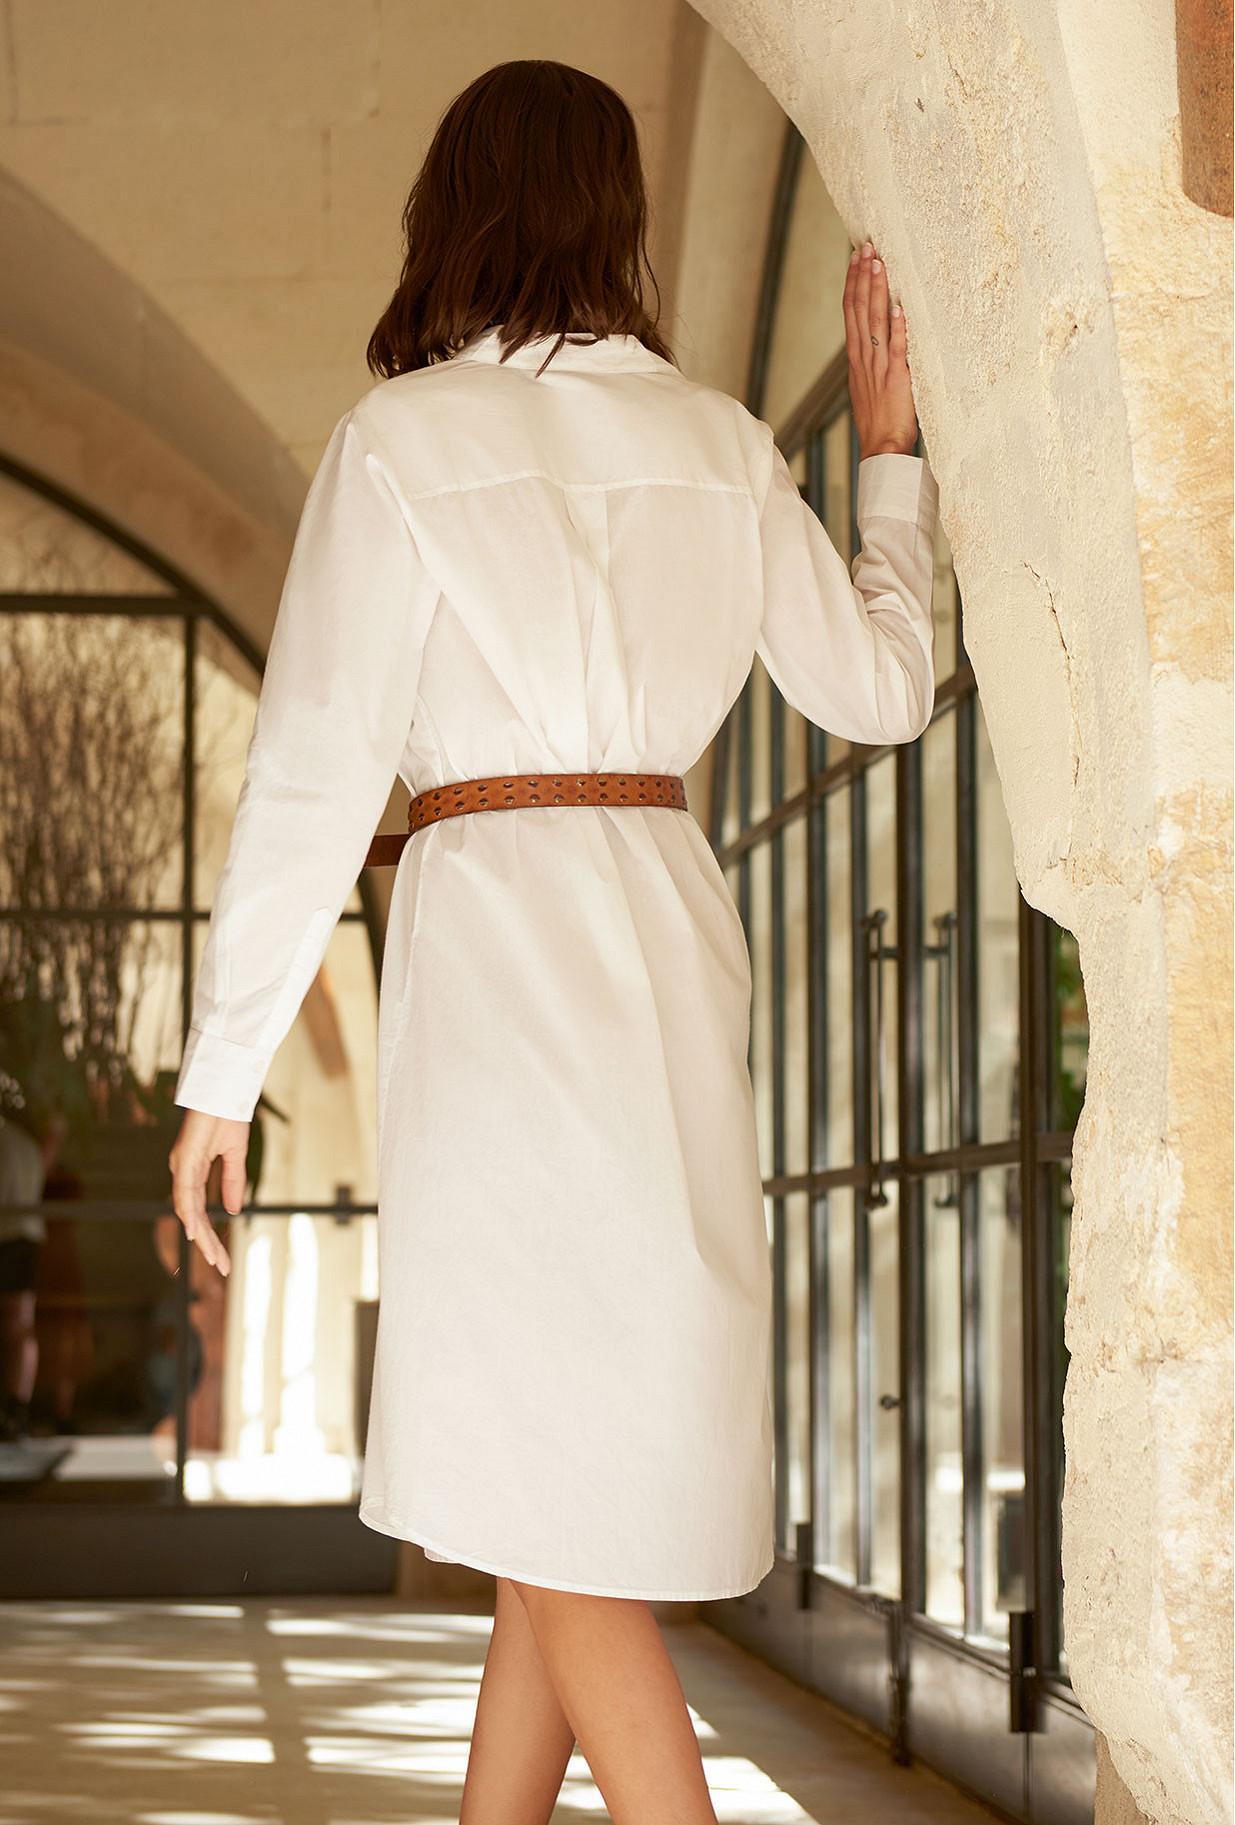 Paris boutique de mode vêtement Chemise créateur bohème  Clotha